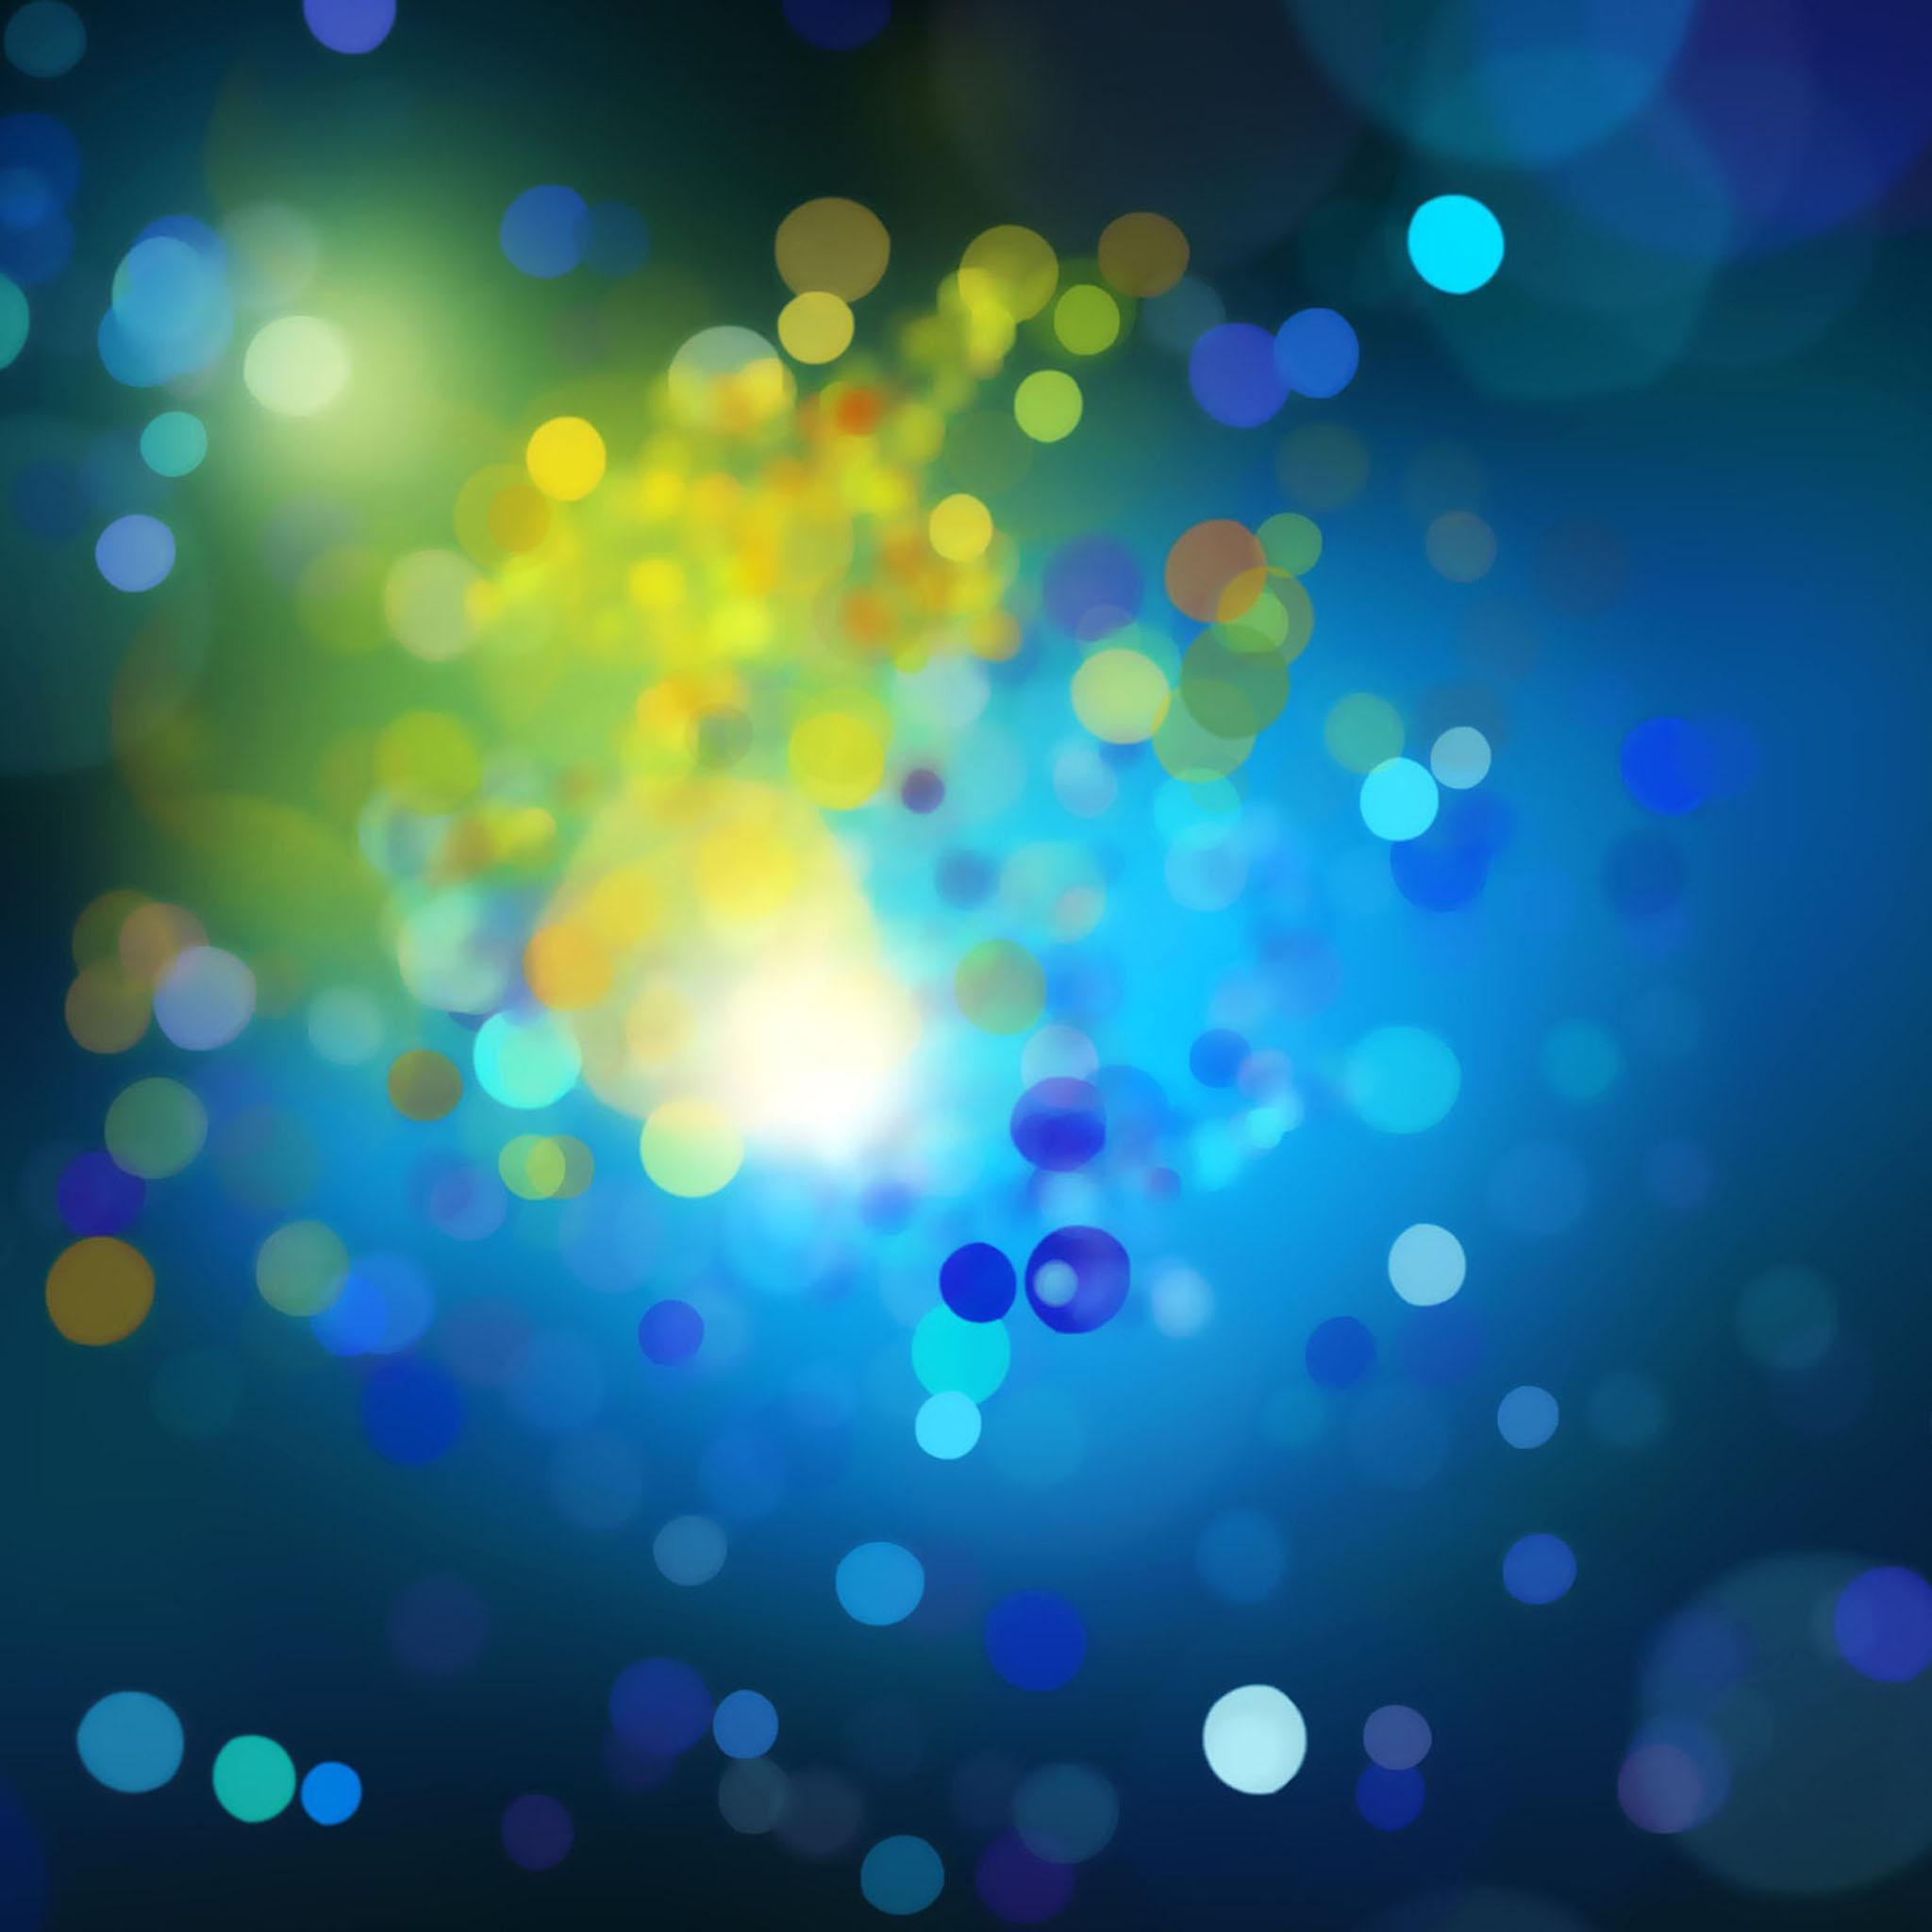 Blue-Drops-3Wallpapers-ipad-Retina